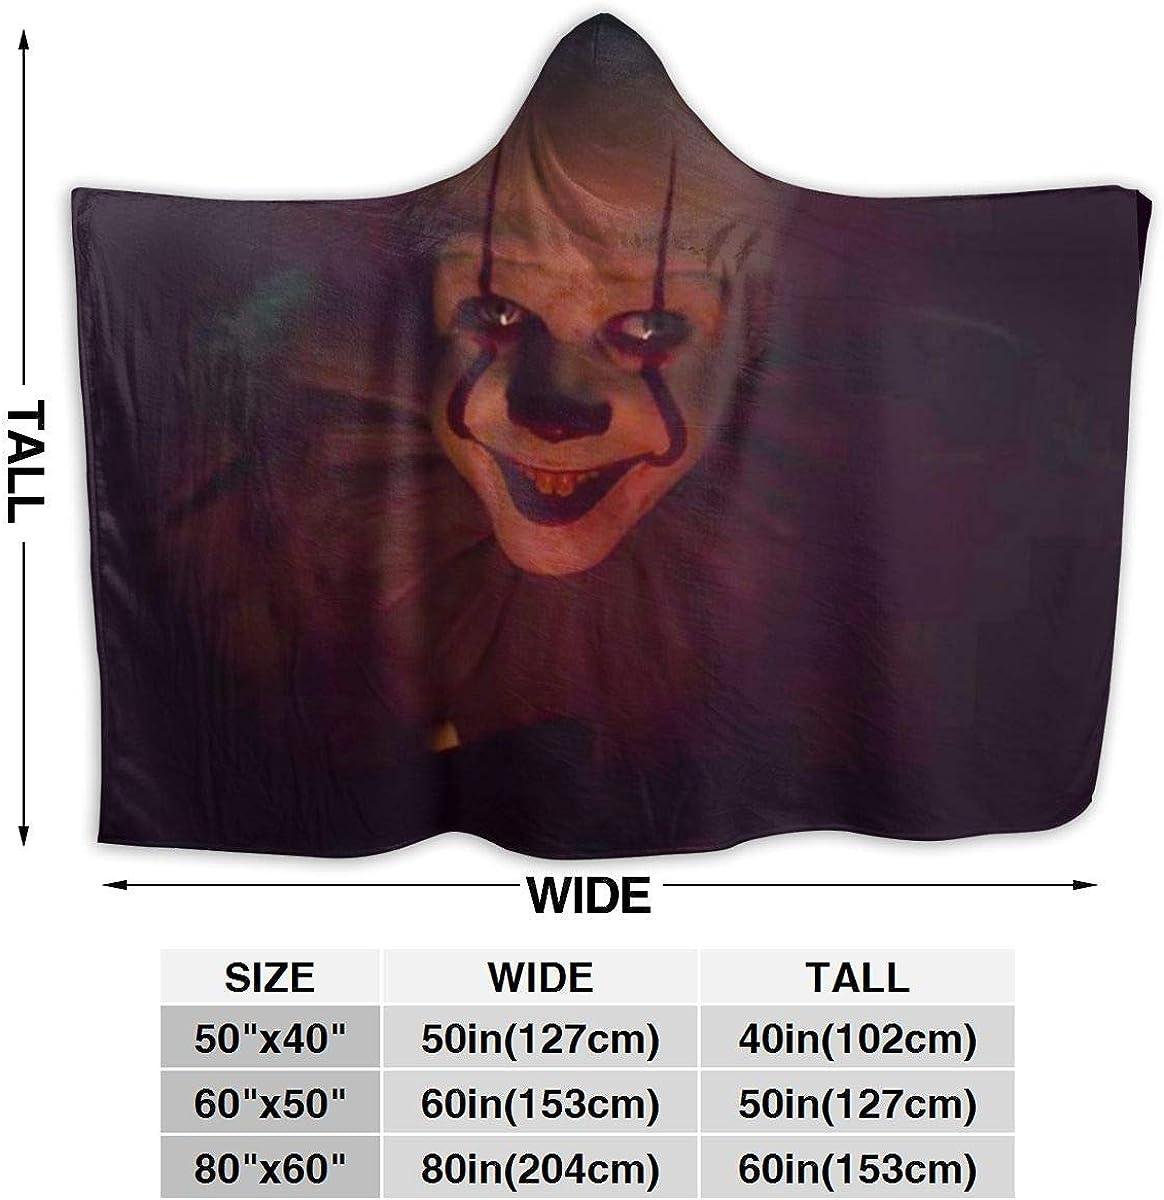 Yuantaicuifeng Couverture à Capuche Effrayant Pennywi-Se Flanelle Jeter lit Manteau Chaud Portable Wrap à Capuche pour Adultes Enfants Black